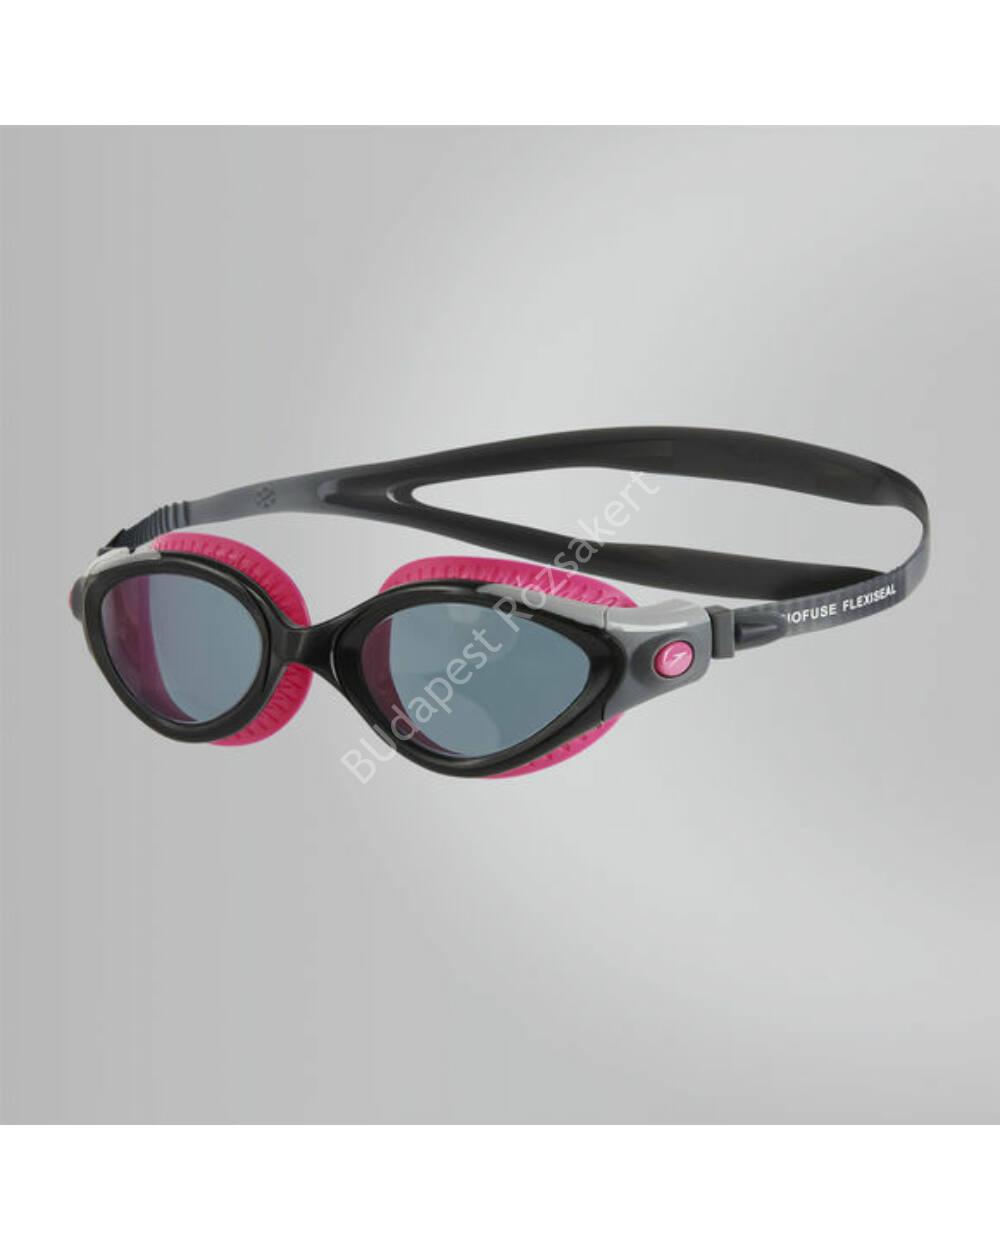 Speedo futura biofuse flexiseal női úszószemüveg, fekete-pink